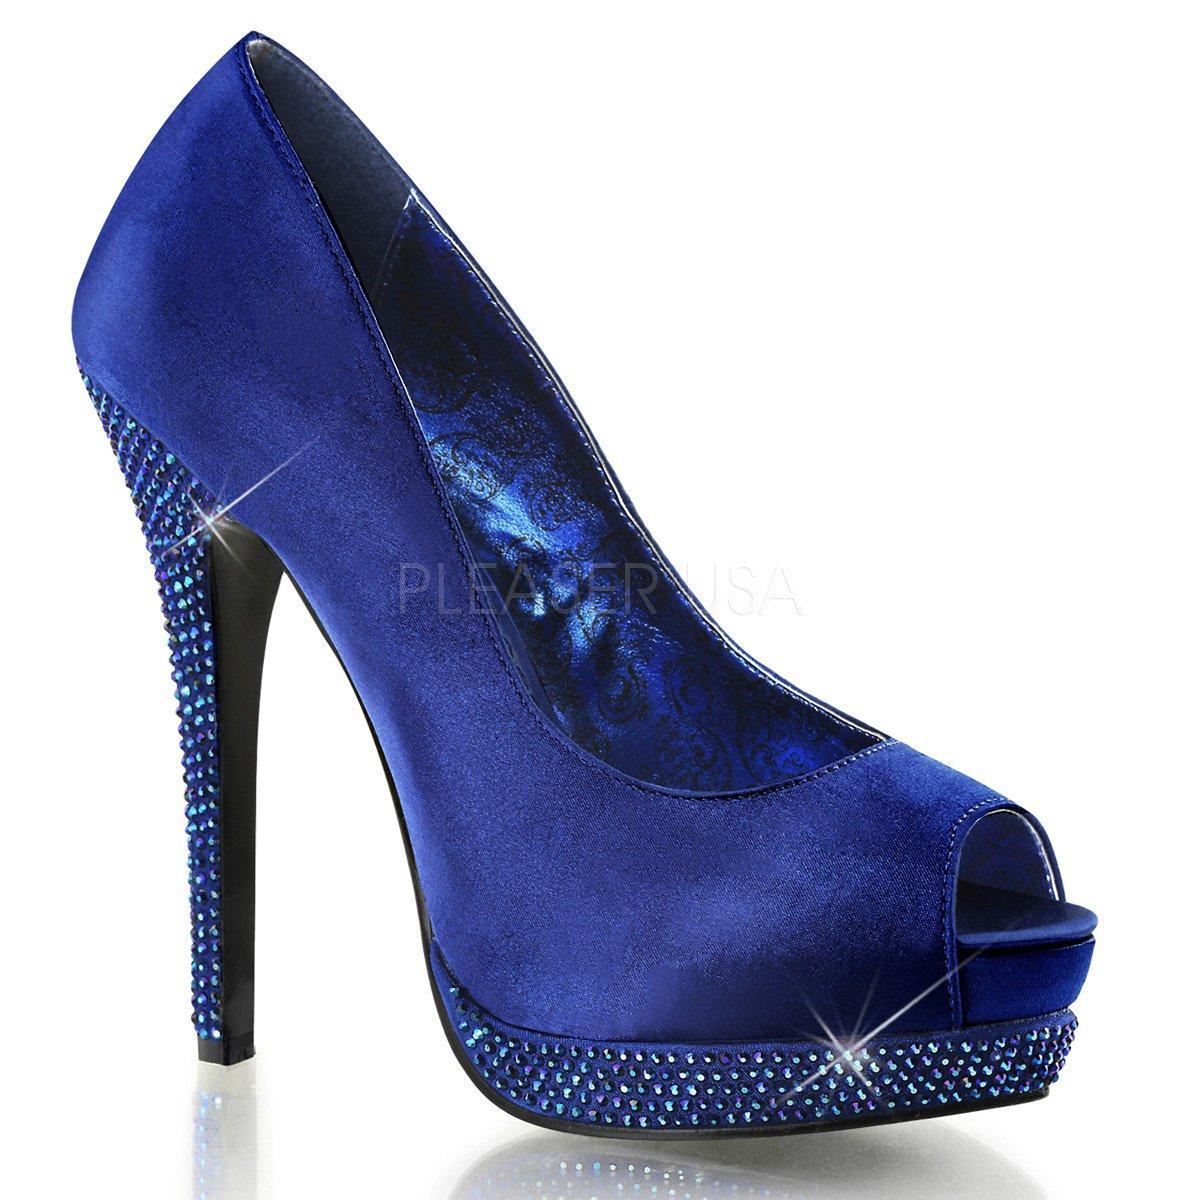 50670d92d99 Tmavě modré dámské lodičky na vysokém podpatku s kamínky BELLA-12R ...